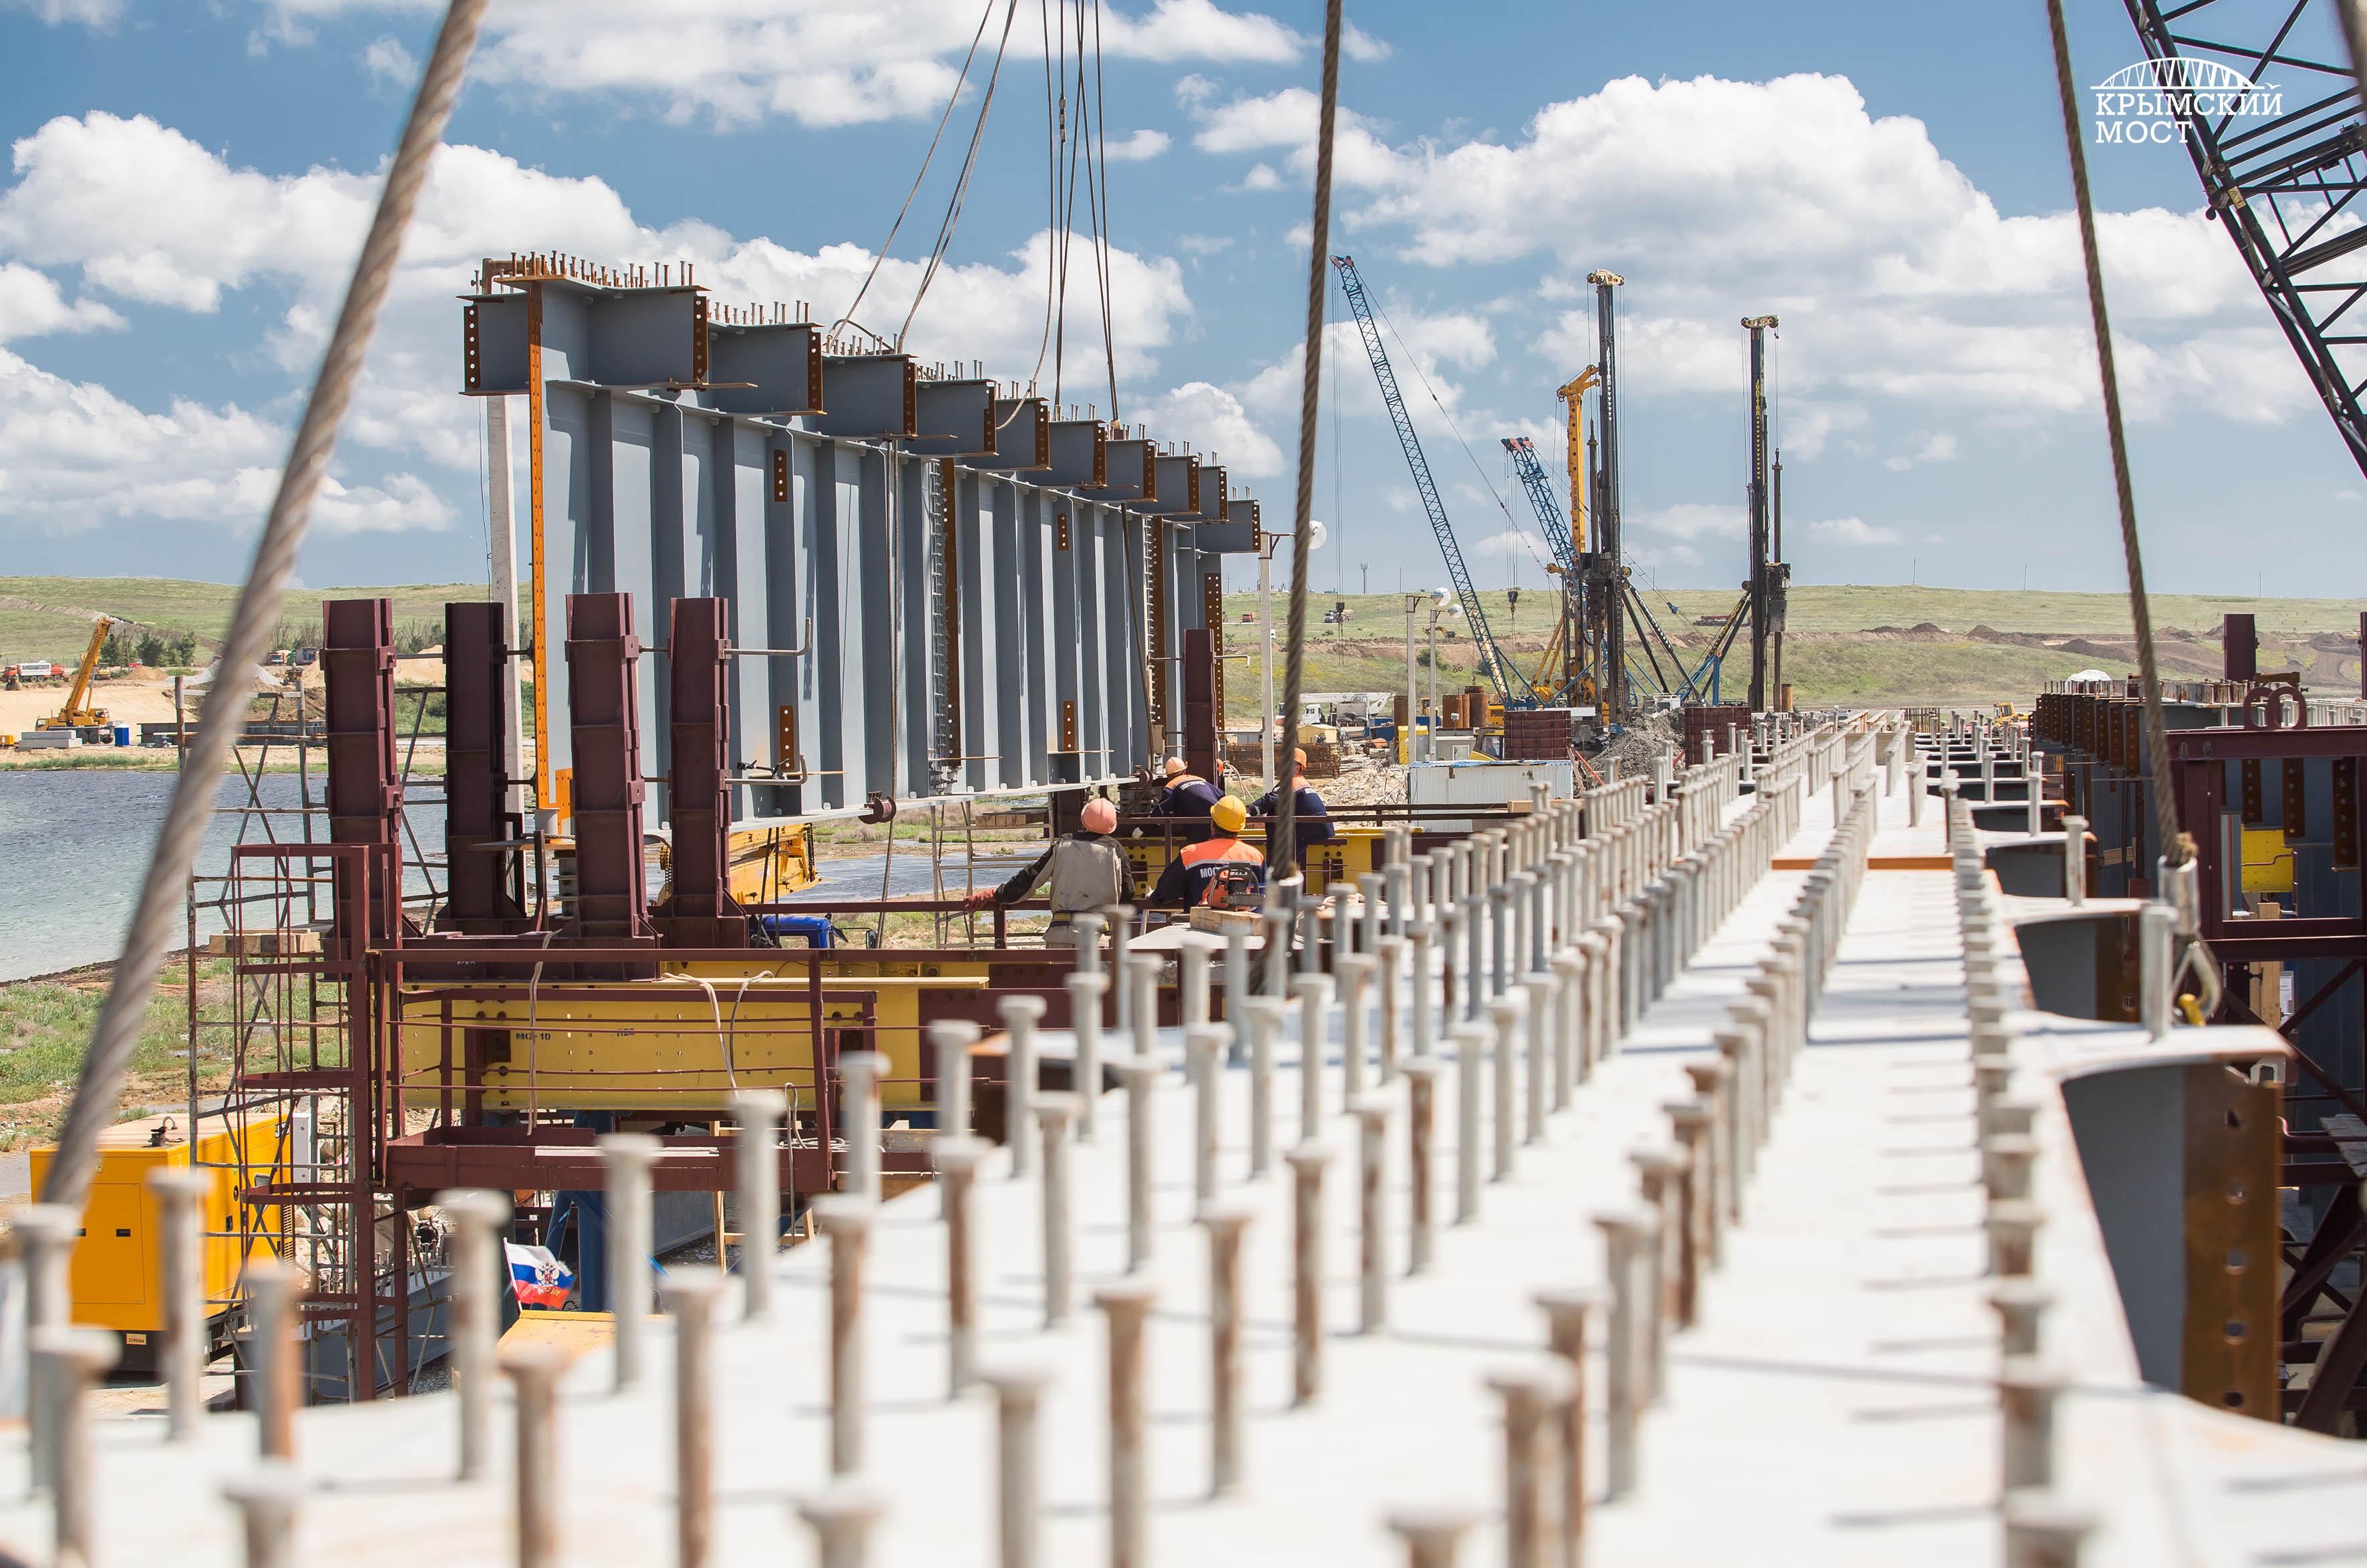 Нам песня строить и жить помогает: Строители Крымского моста спели о своей работе (видео)